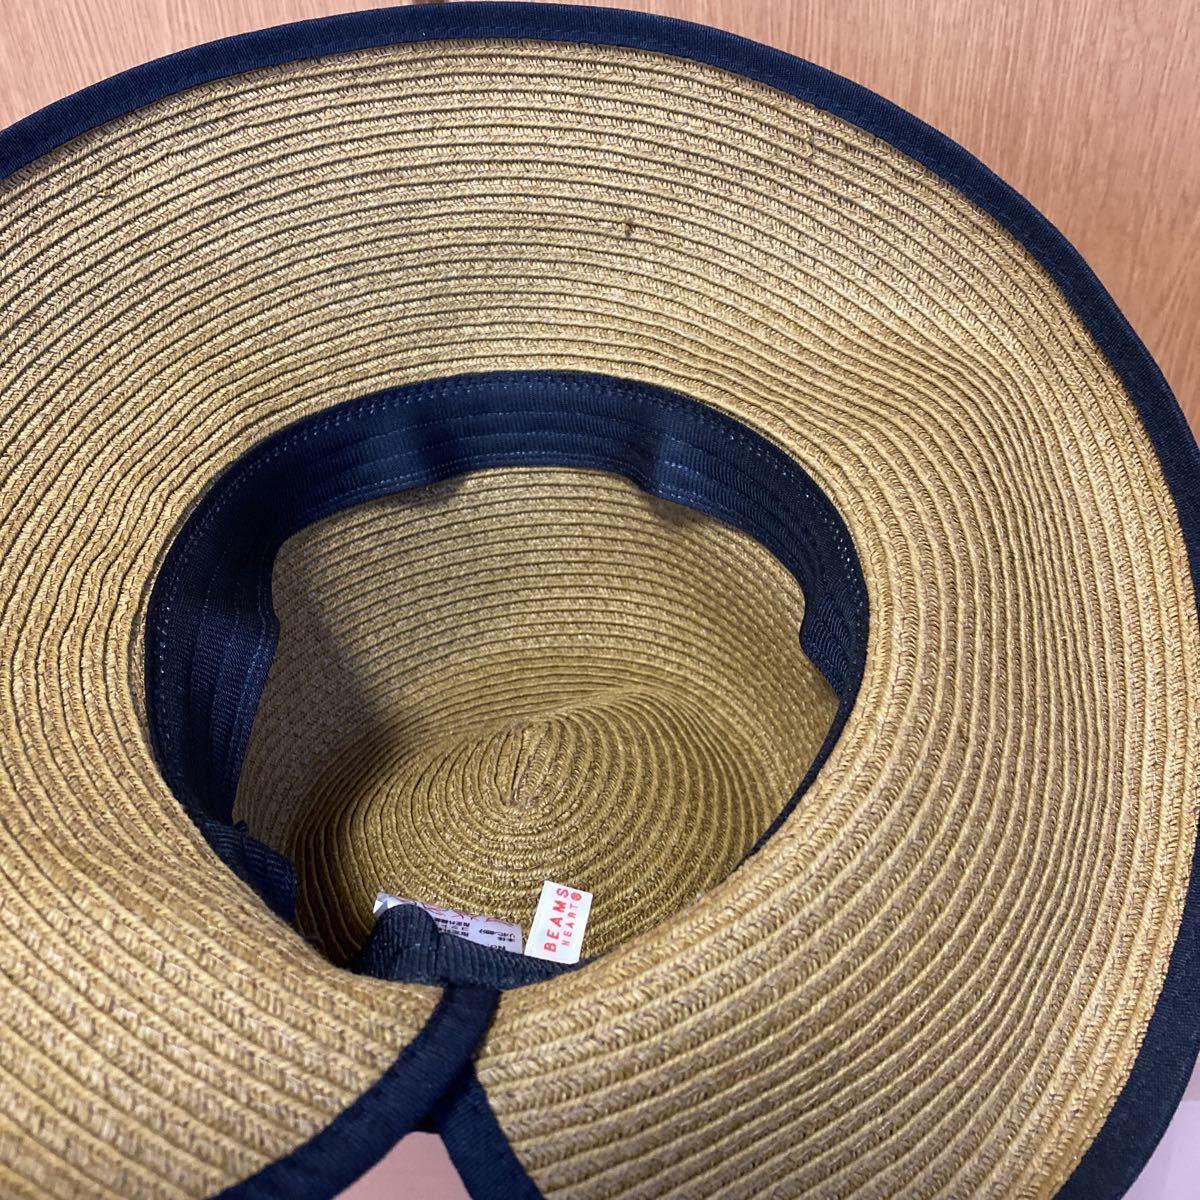 新品・未使用★レイビームス Ray Beams 帽子 リボン付き麦わら帽子★サイズ57.5㎝_画像6